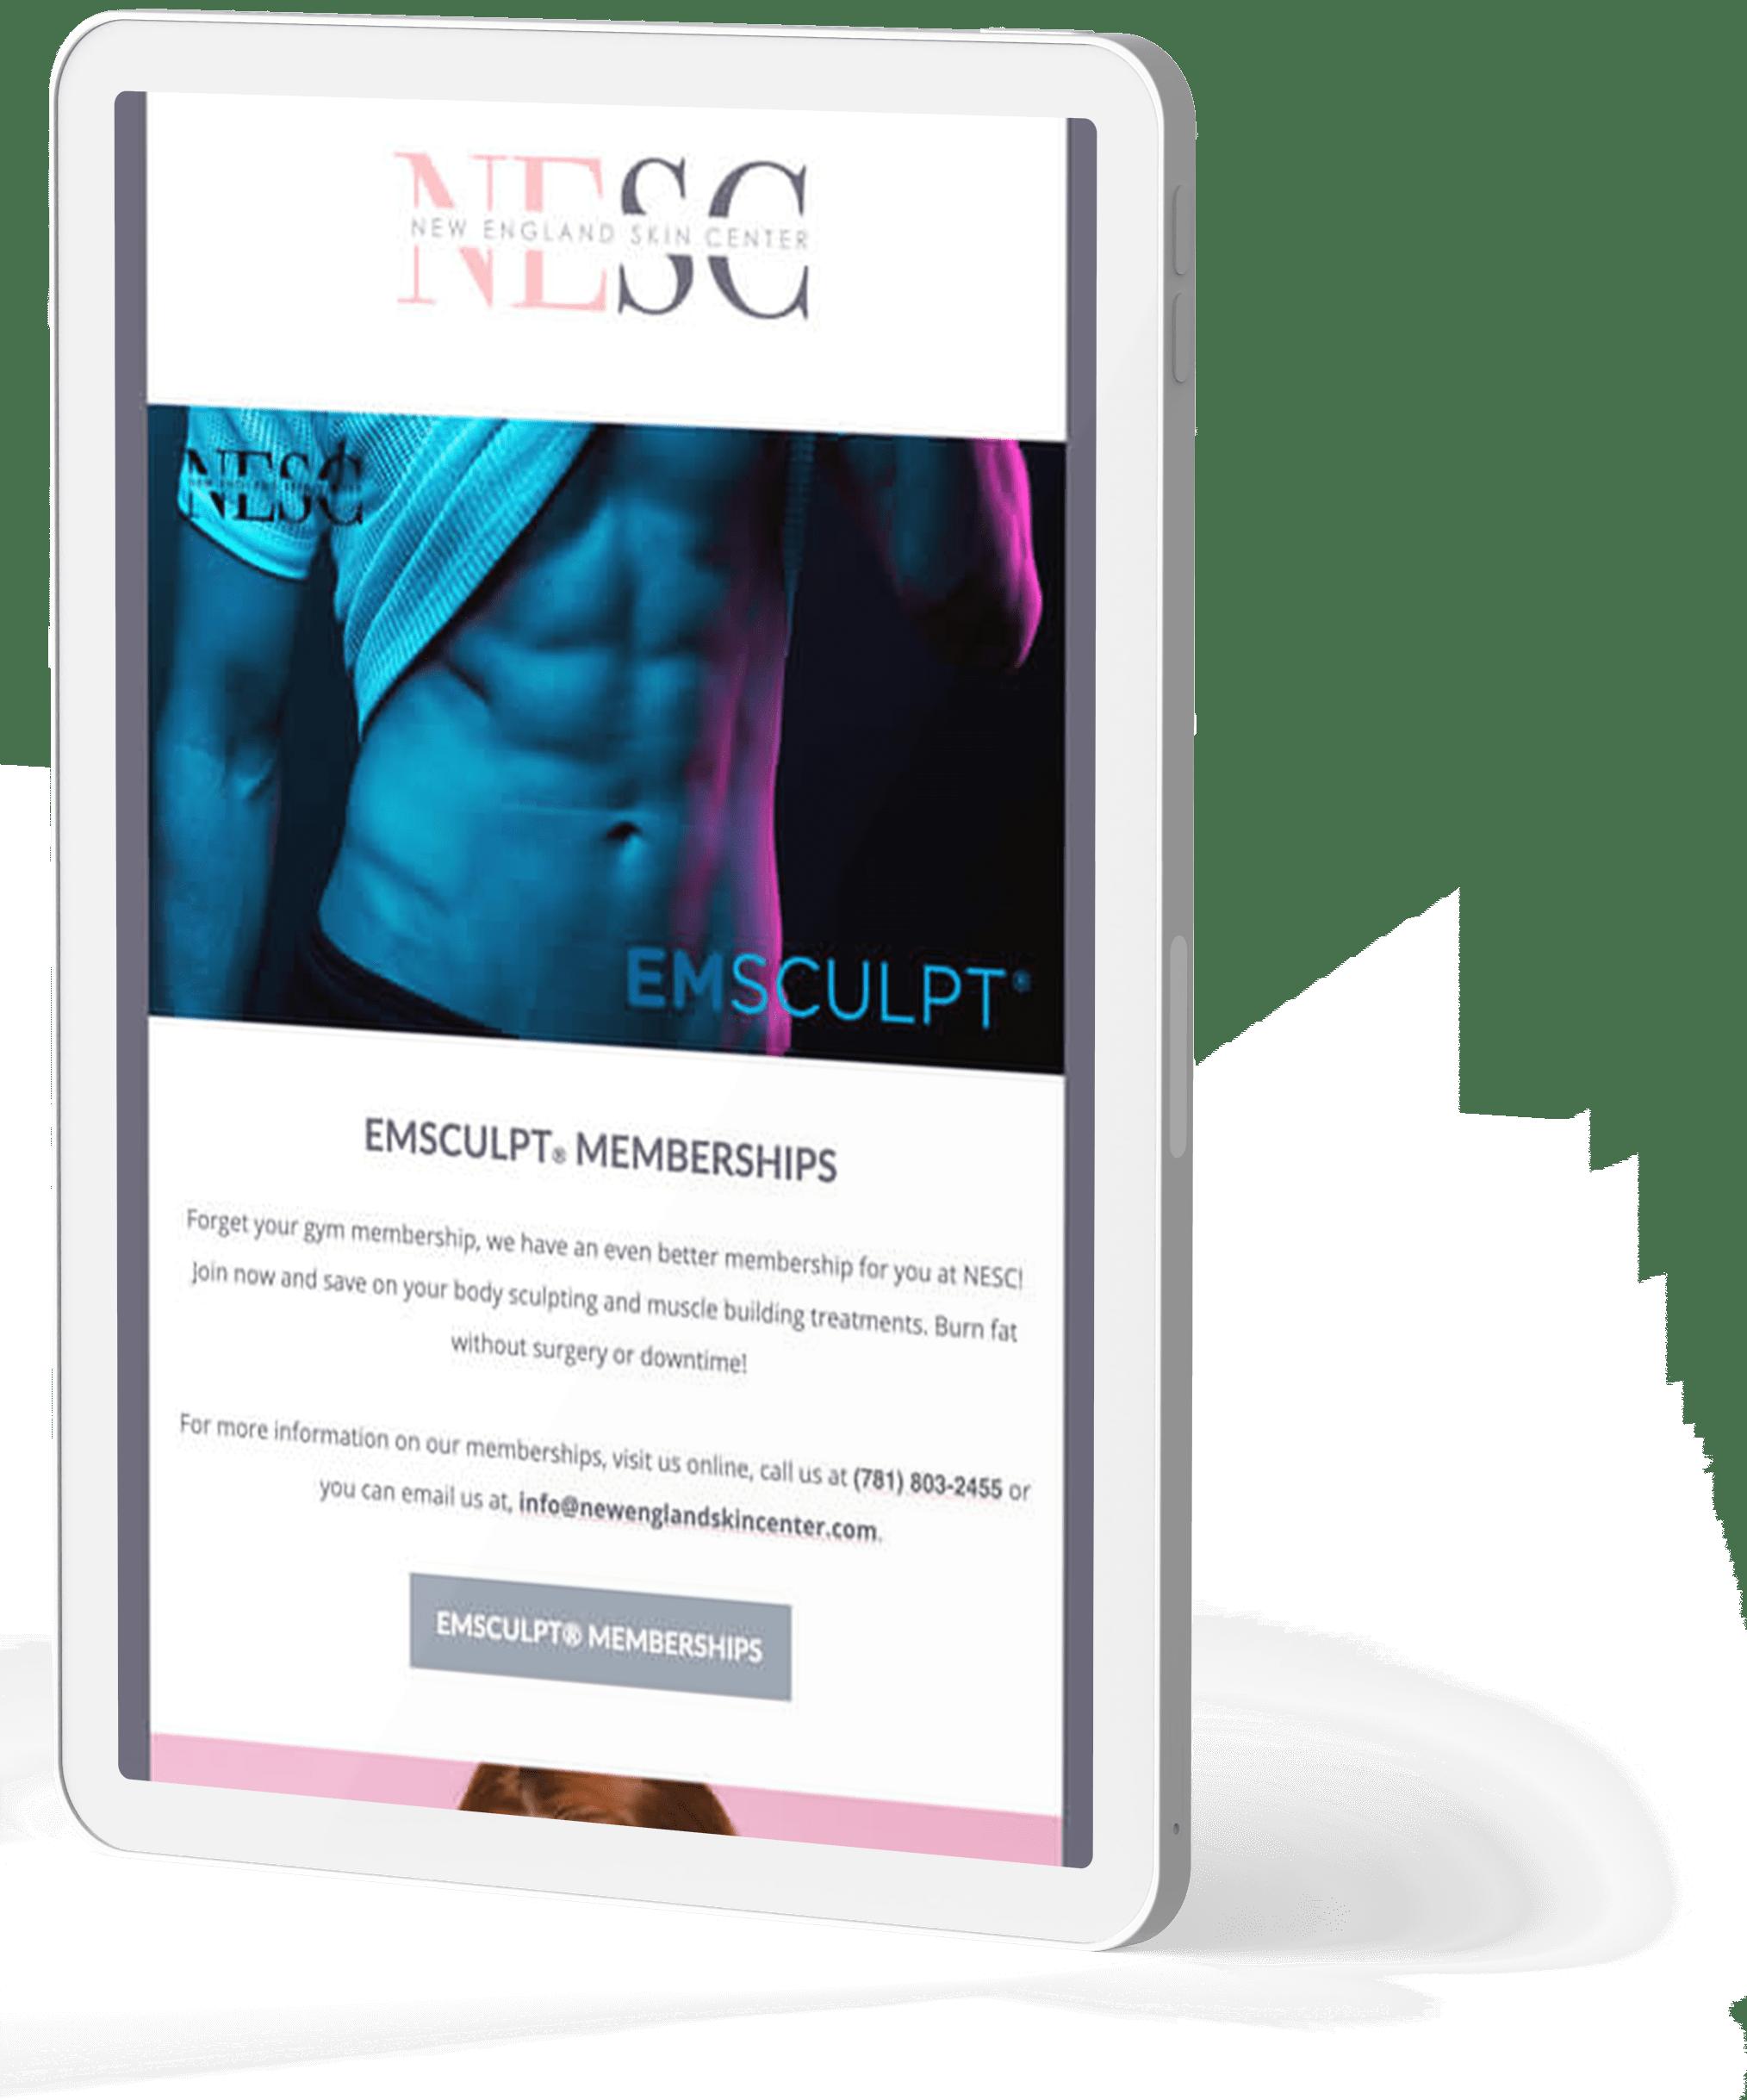 NESC mobile site